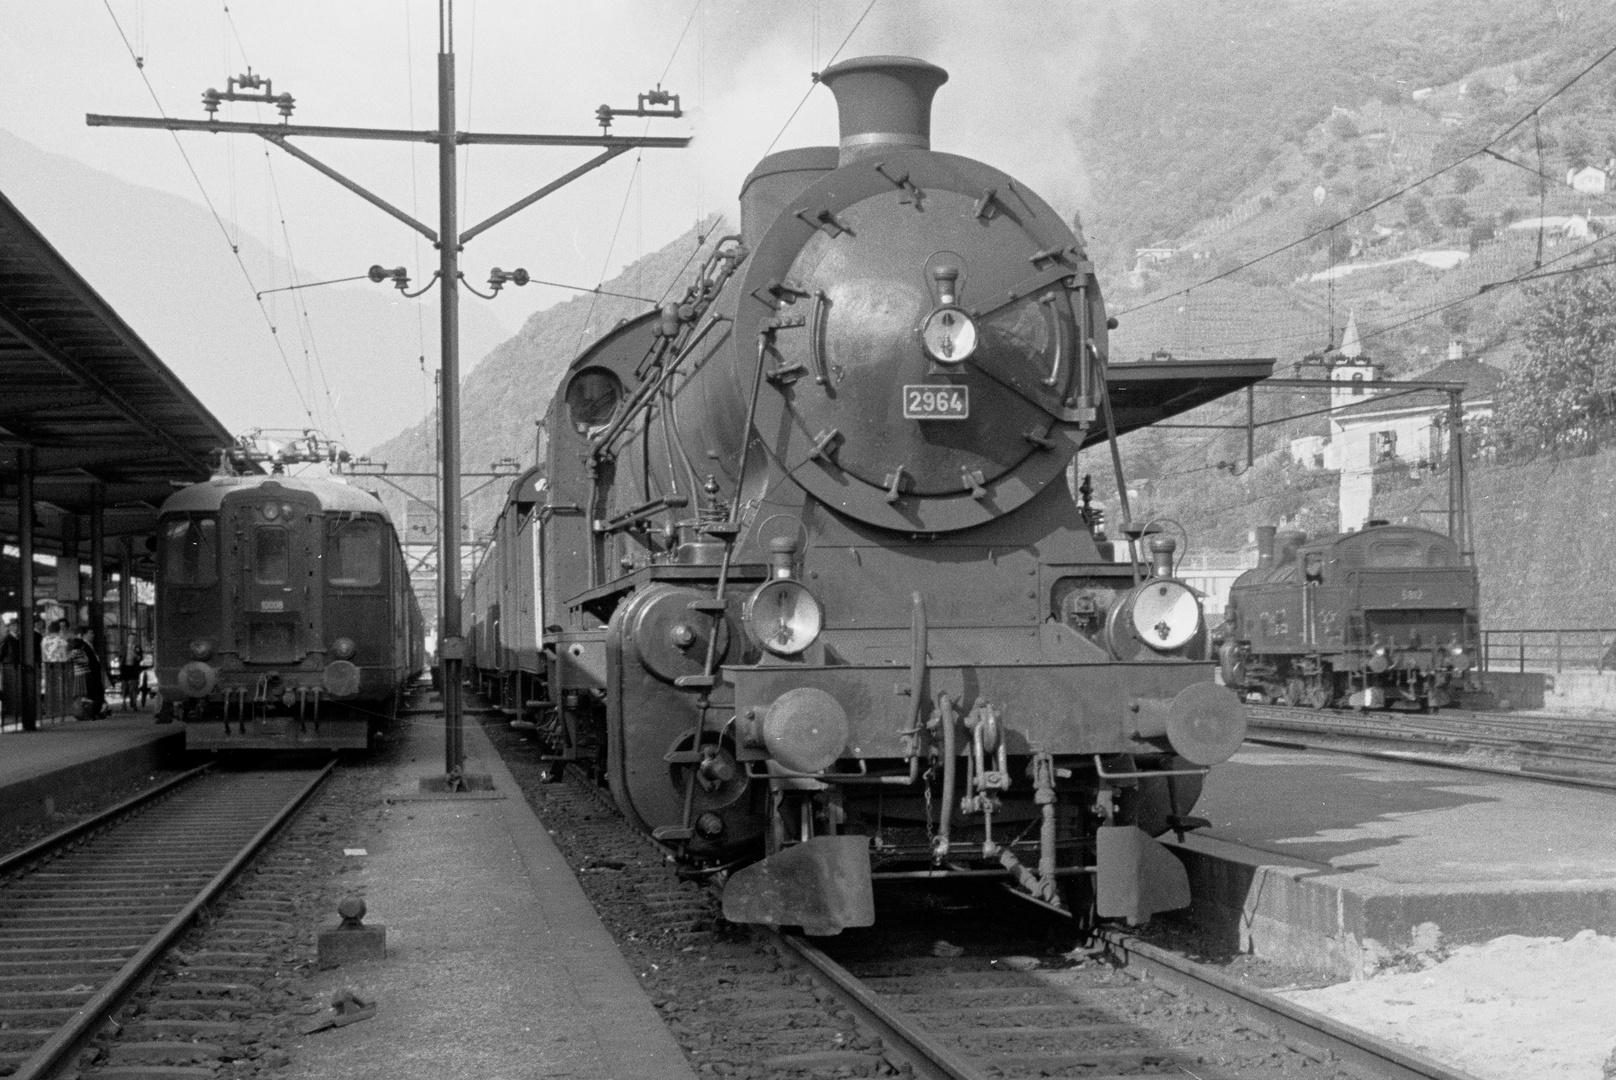 SBB C 5-6 Nr. 2964 Bellinzona ca.1960